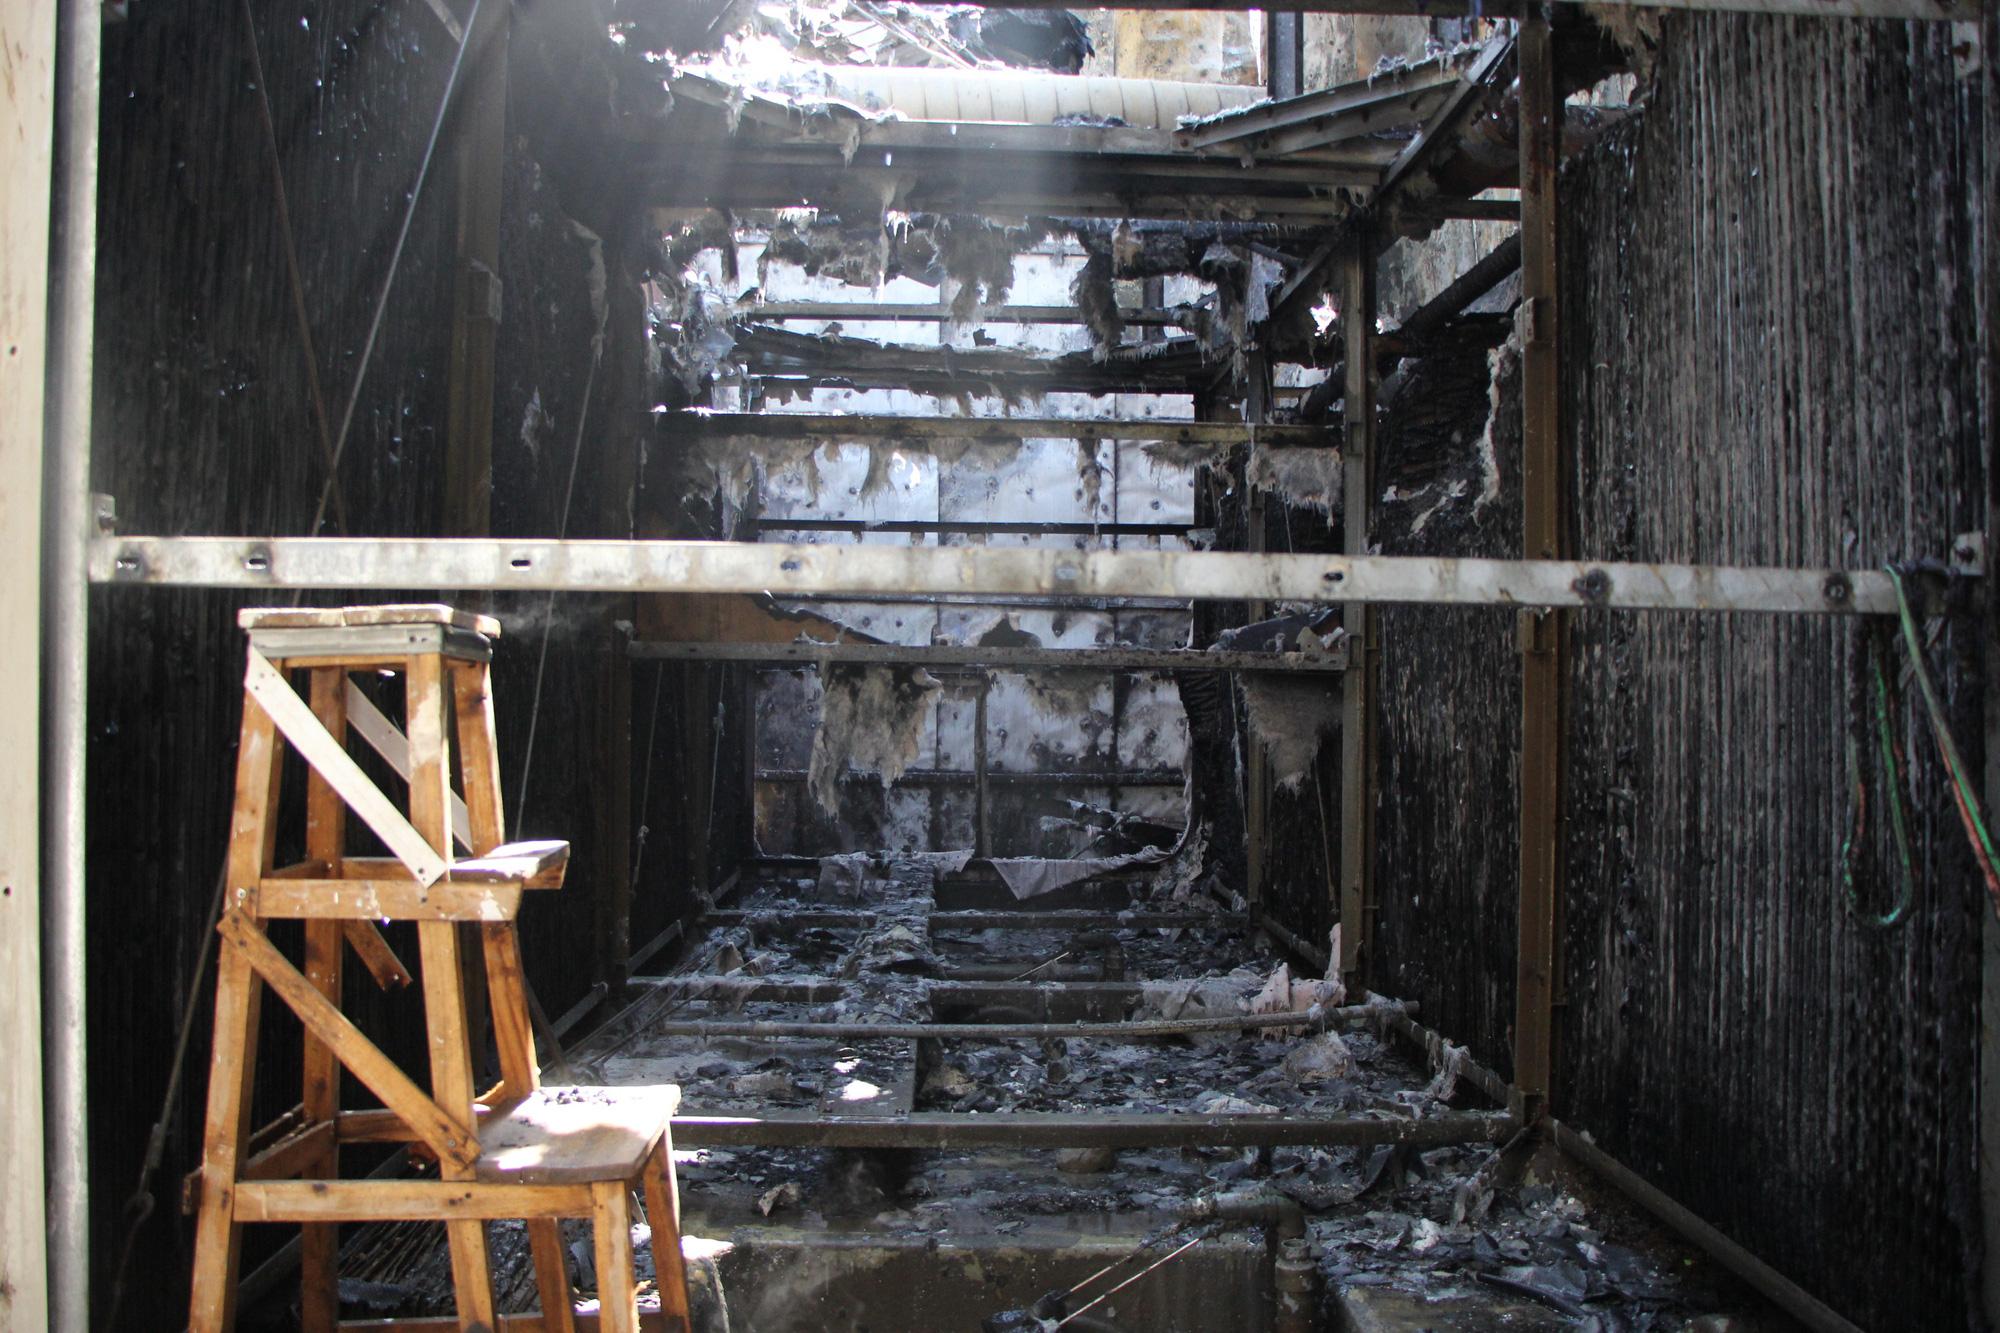 Hà Nội: Cháy hệ thống điều hòa chung cư, hàng trăm người hoảng loạn bỏ chạy - Ảnh 2.